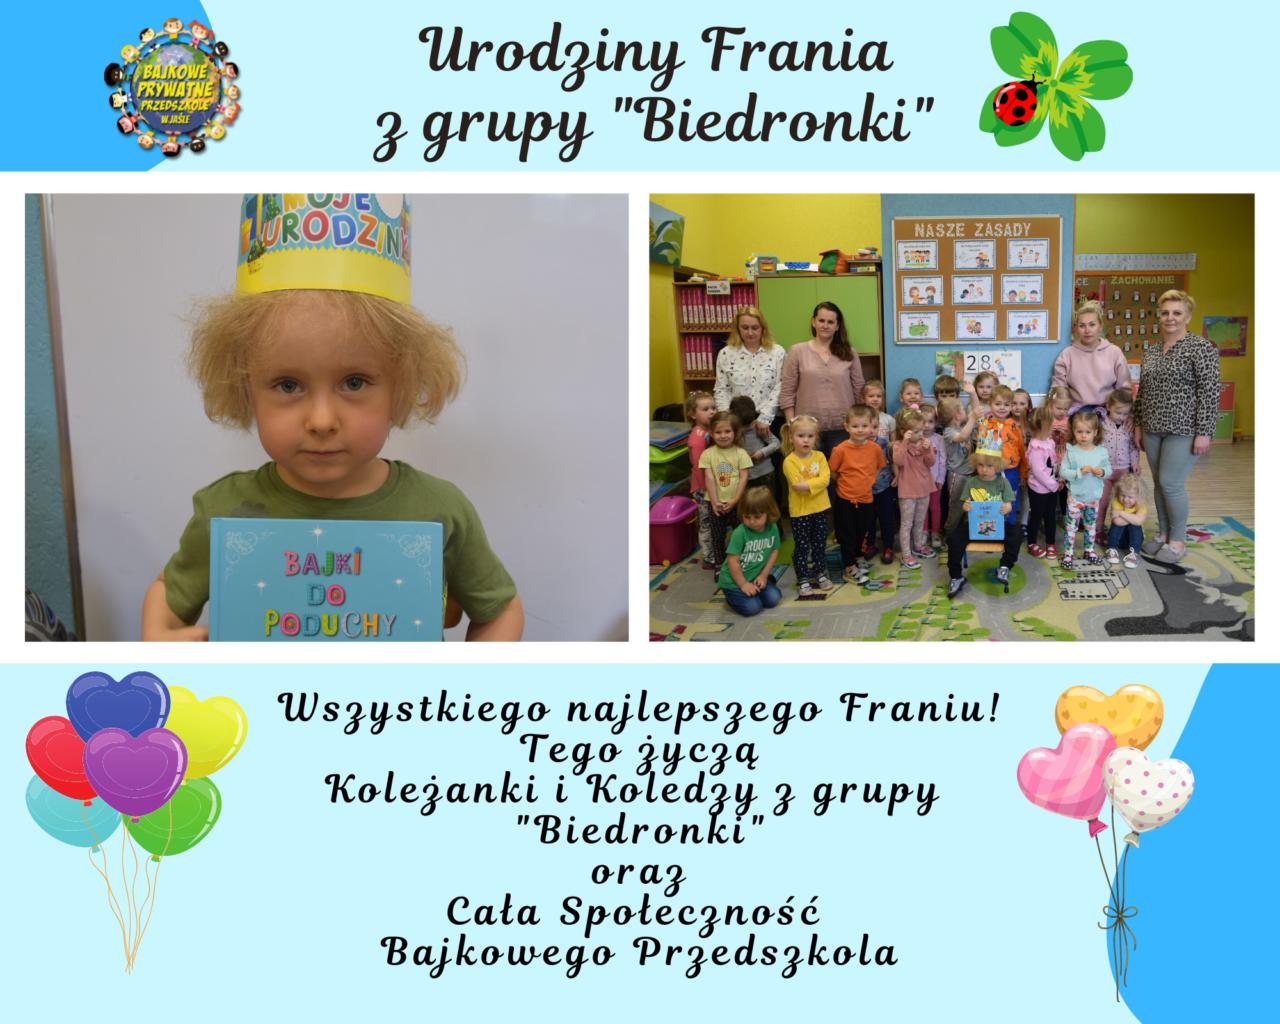 1. urodziny frania